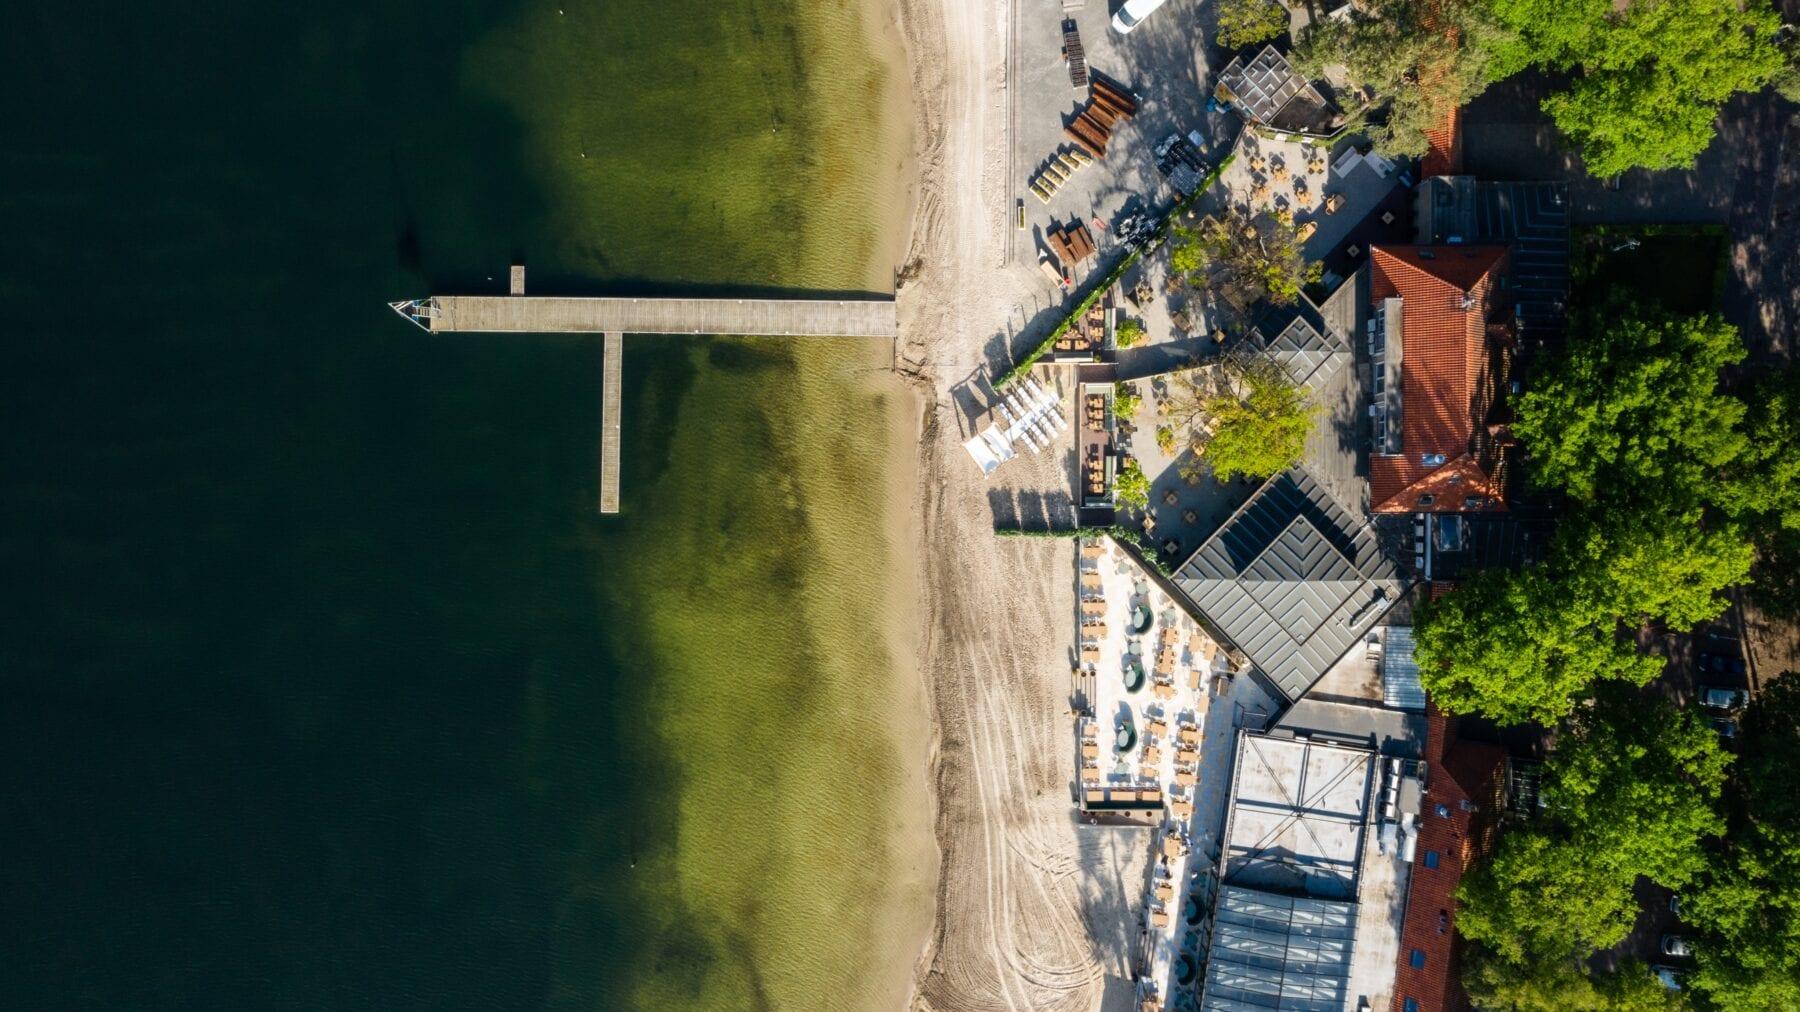 Buitenzwemmen rondom Den Bosch doe je bij de IJzeren man in Vught